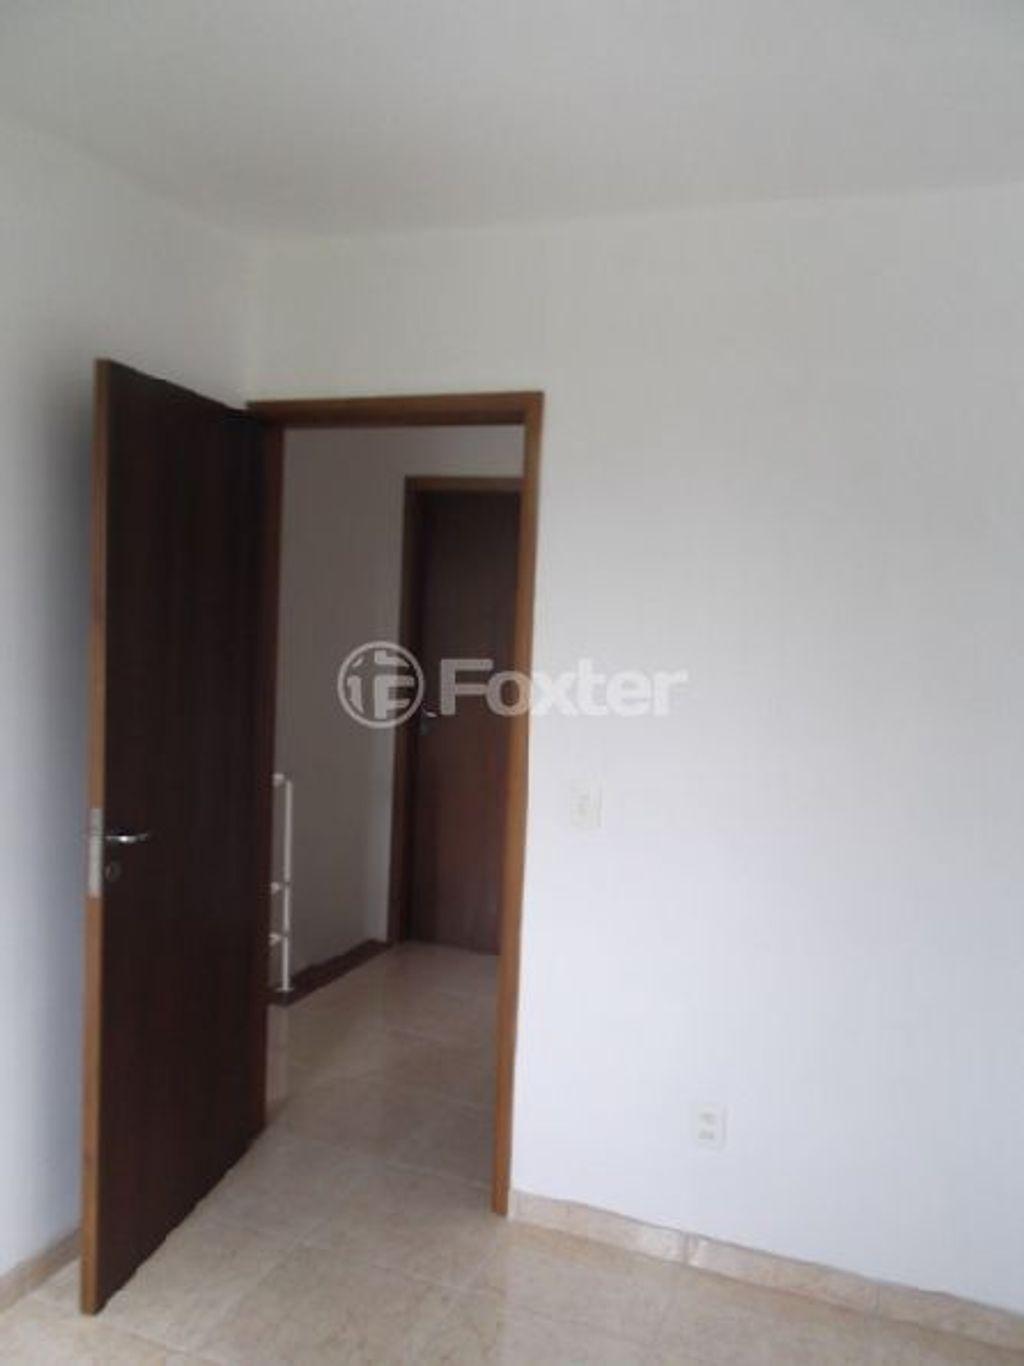 Foxter Imobiliária - Casa 3 Dorm, Espírito Santo - Foto 4